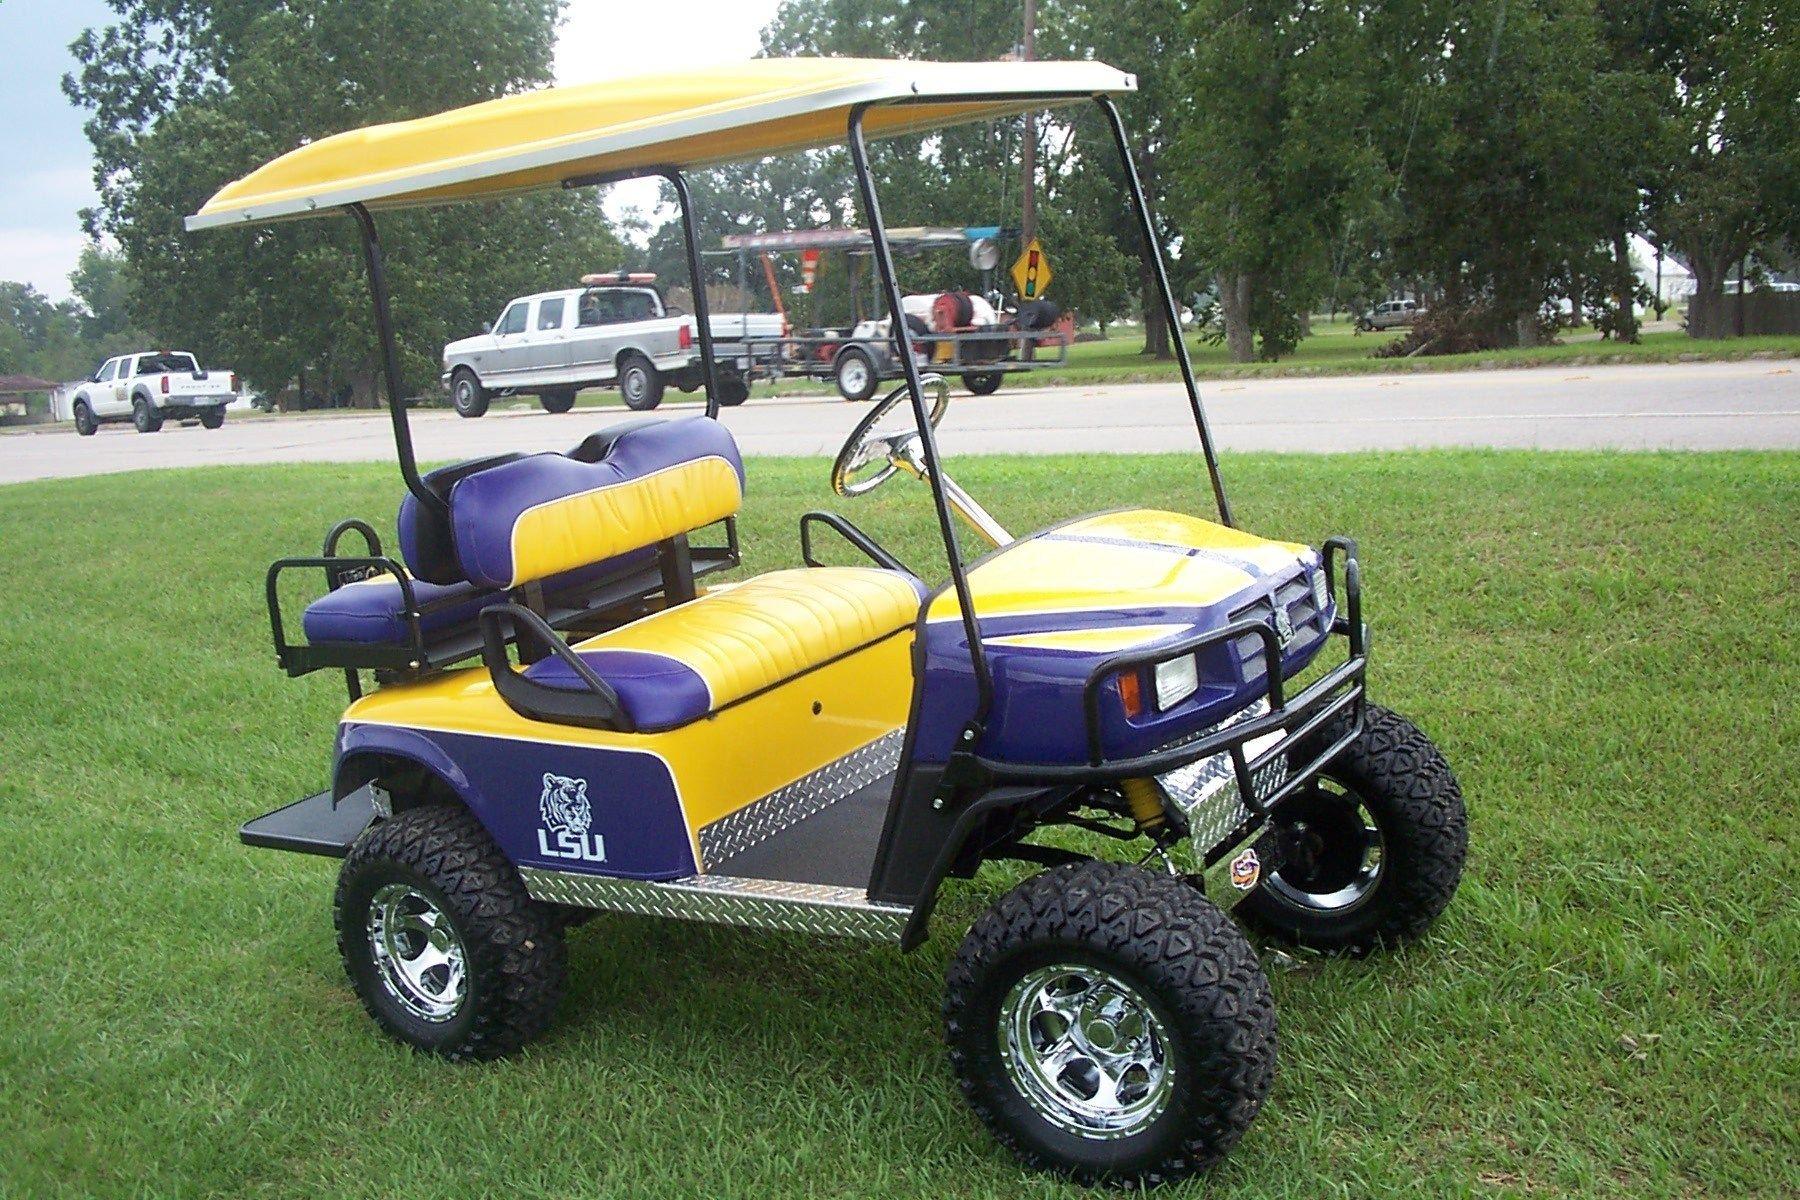 Lsu Golf Cart Seats on uva golf cart seats, el tigre golf cart seats, columbia golf cart seats, brown golf cart seats, mississippi state golf cart seats, steelers golf cart seats, alabama golf cart seats, michigan golf cart seats,